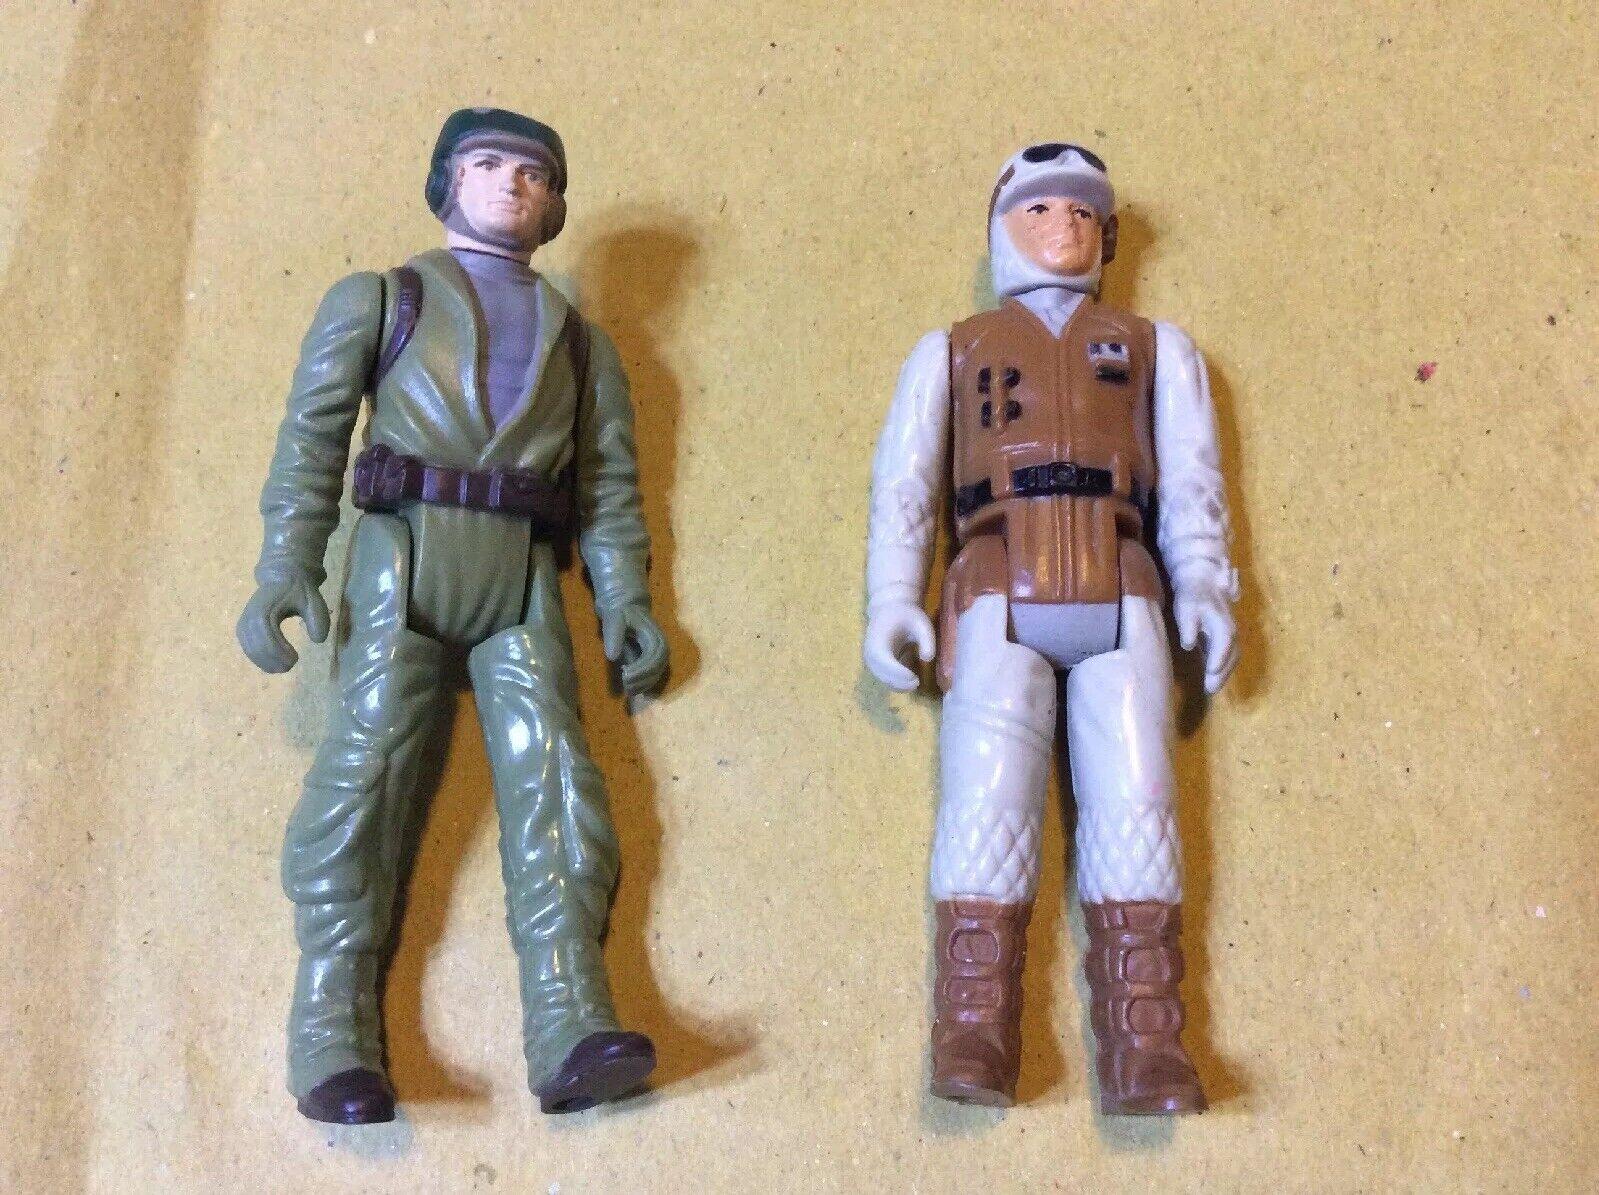 Lotto Star Wars 1983 1980 Commando Soldato Ribelle Vintage Action Figure